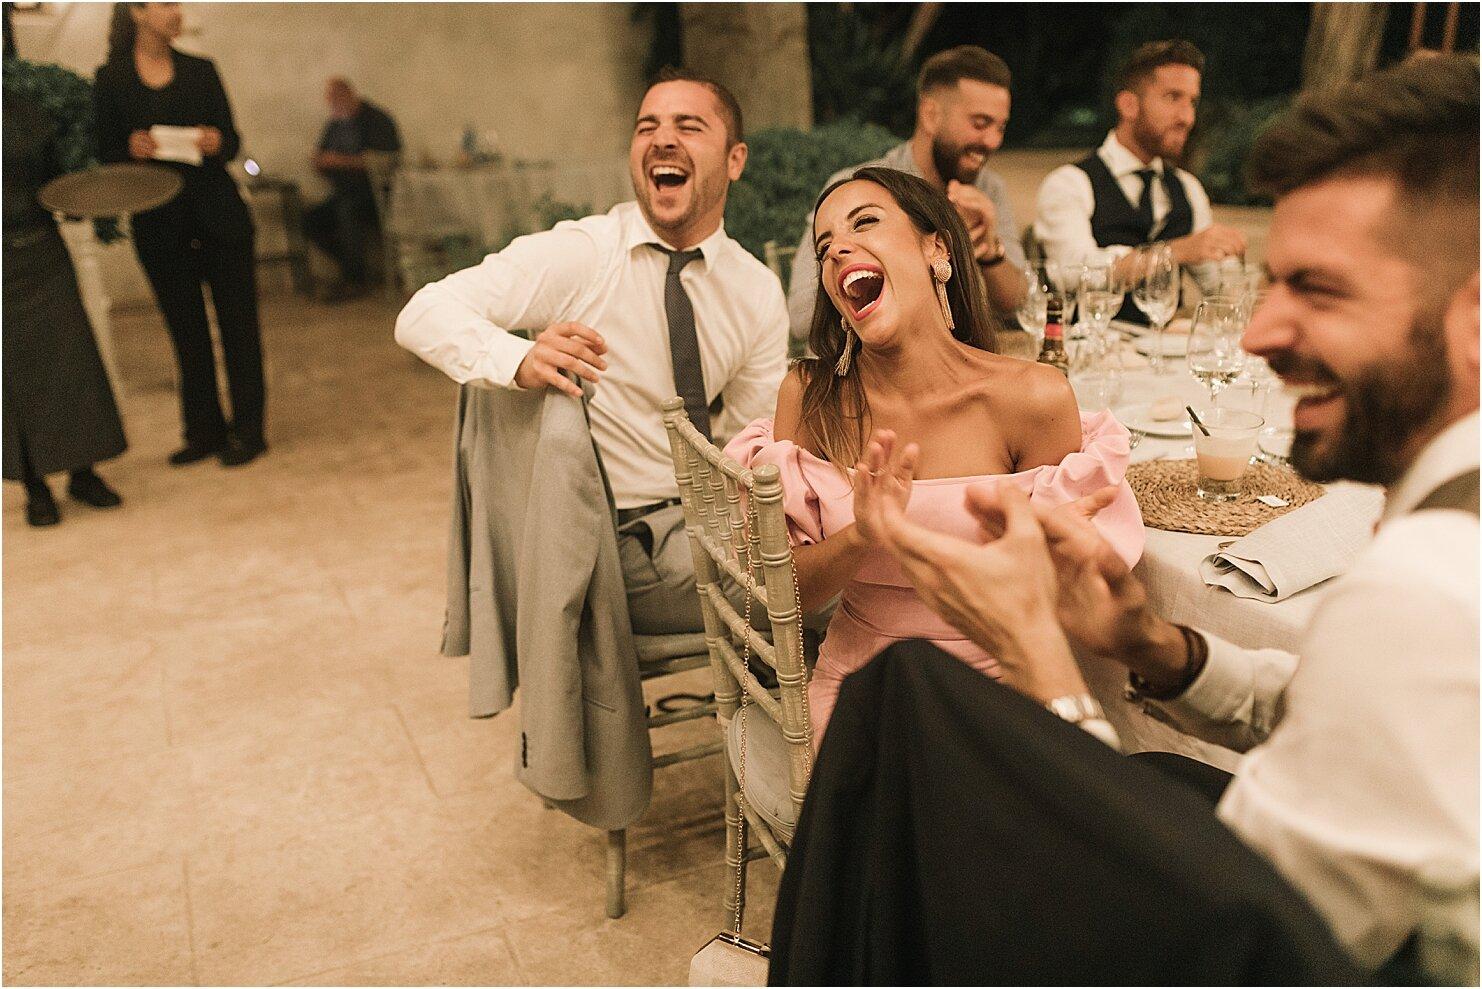 boda-romantica-boda-boho-vestido-de-novia-laura-lomas87.jpg